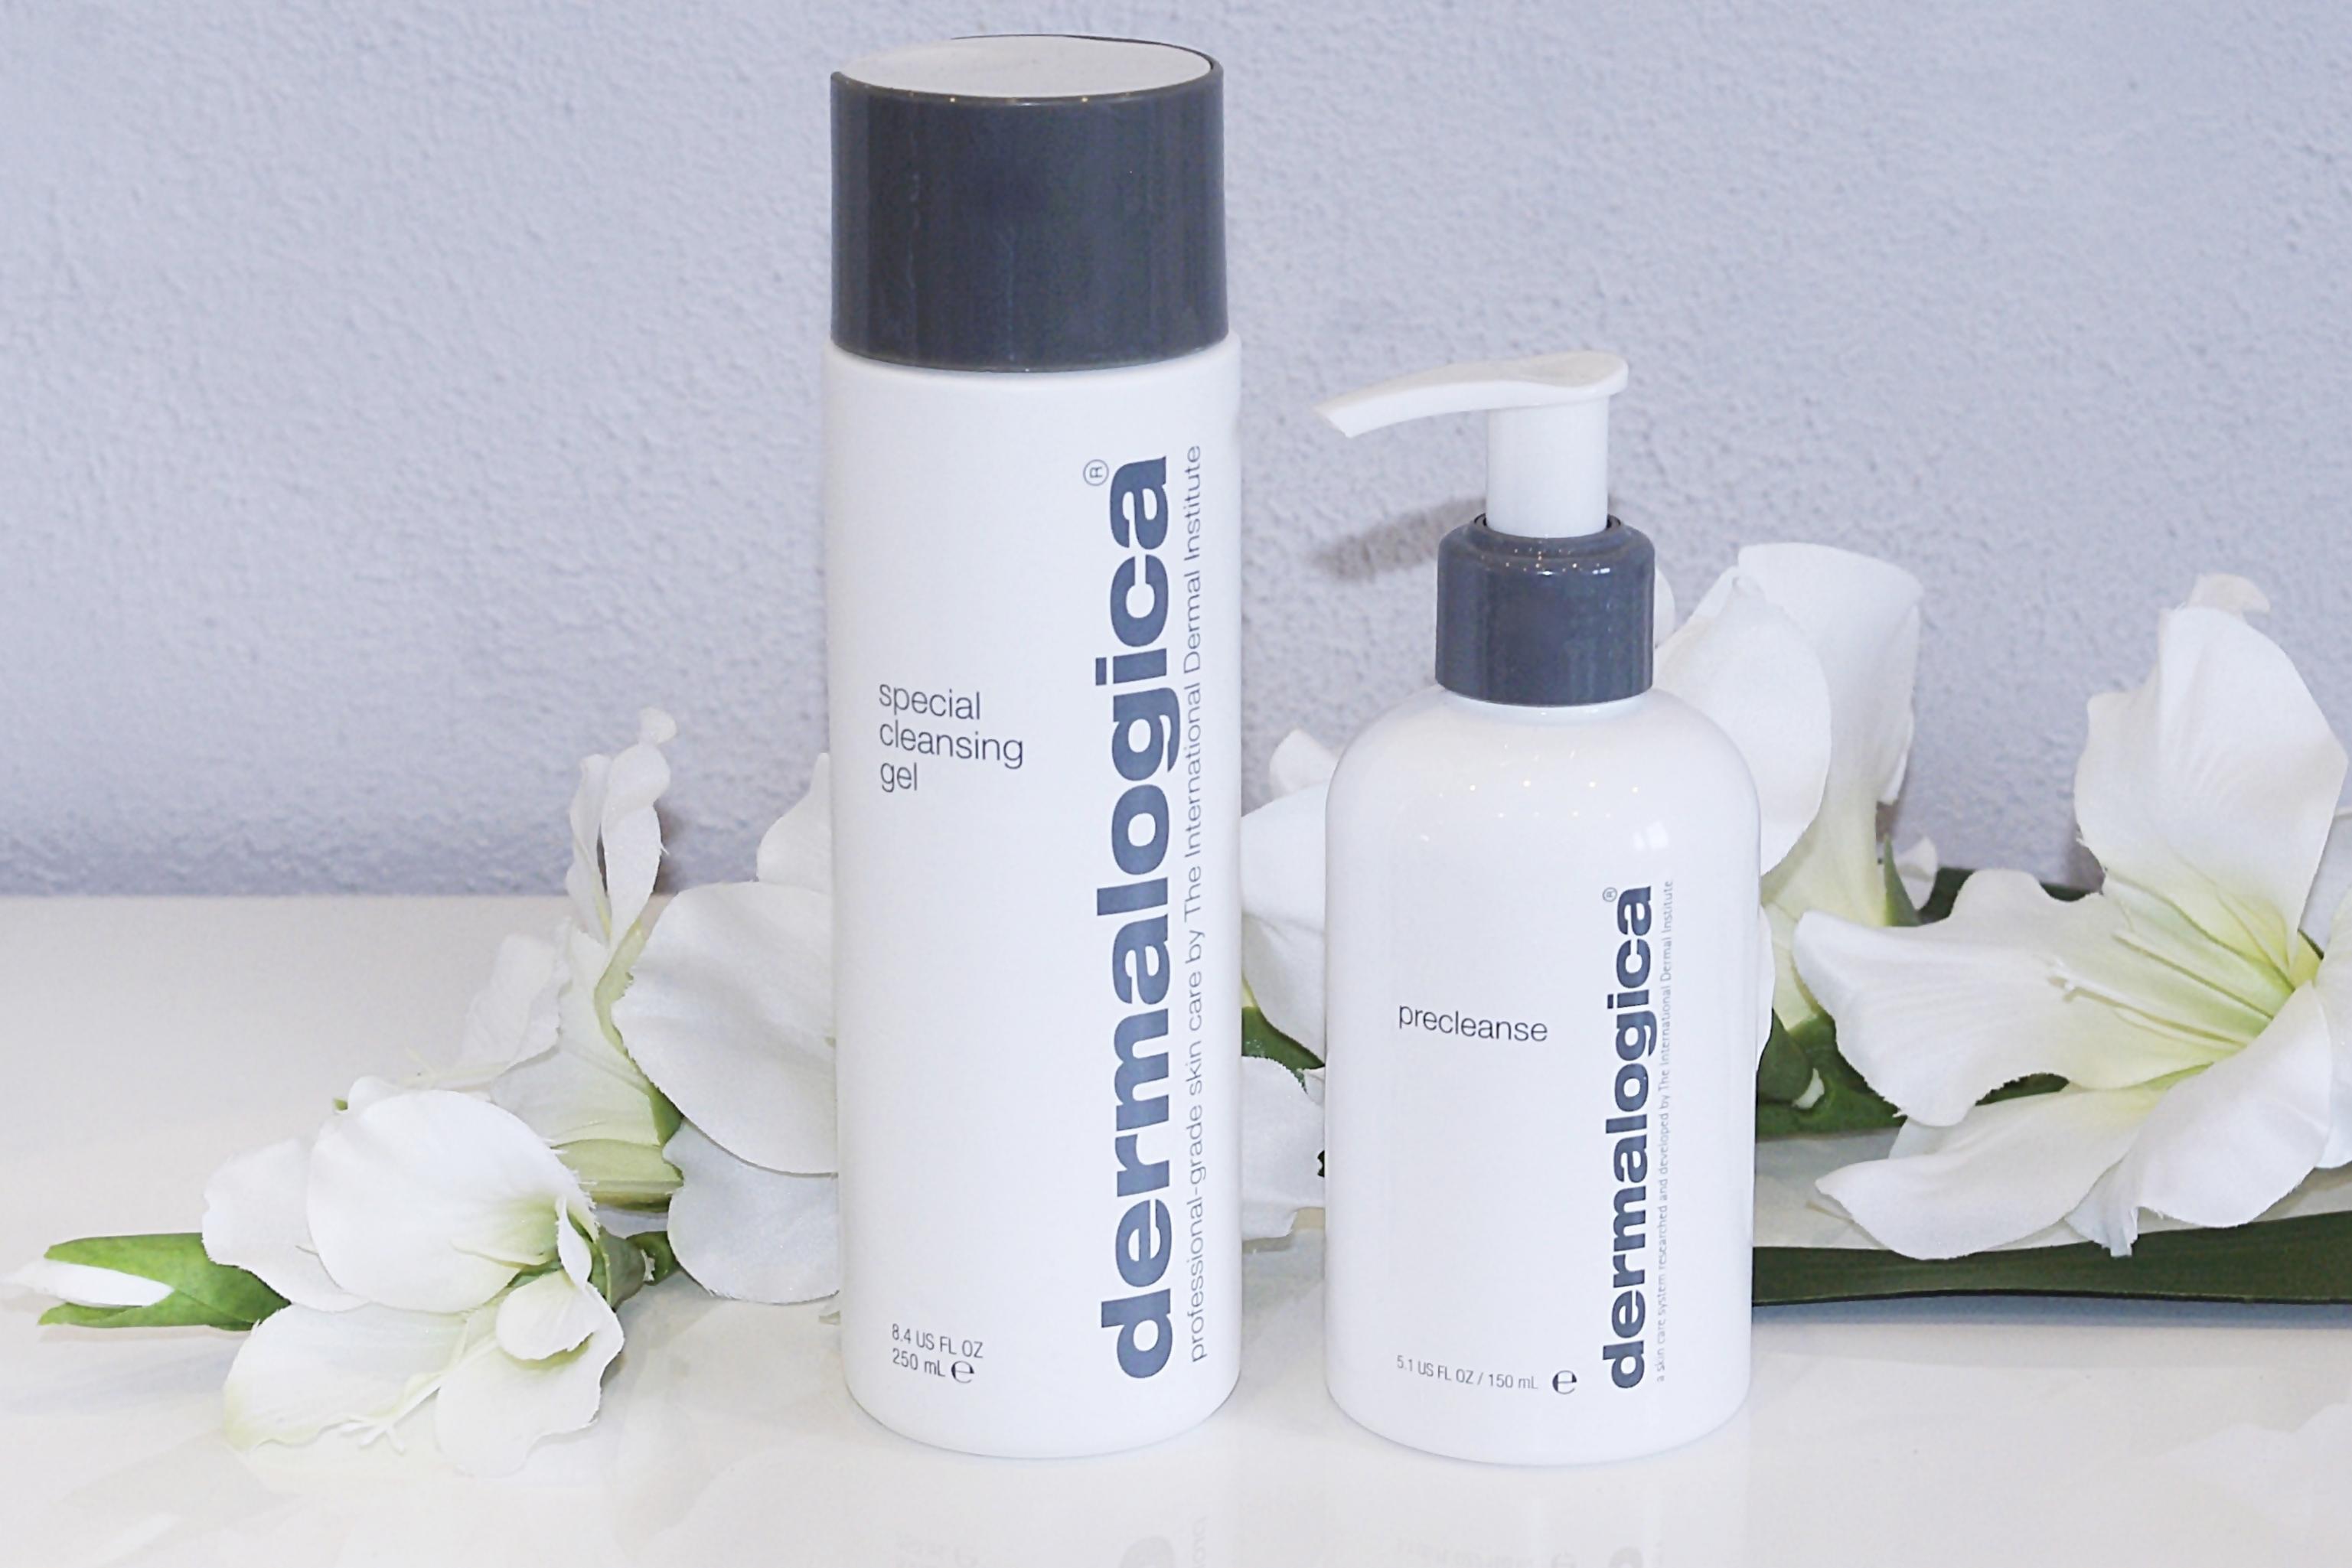 Dermalogica Precleanse Preparat Myjący Special Cleansing Gel